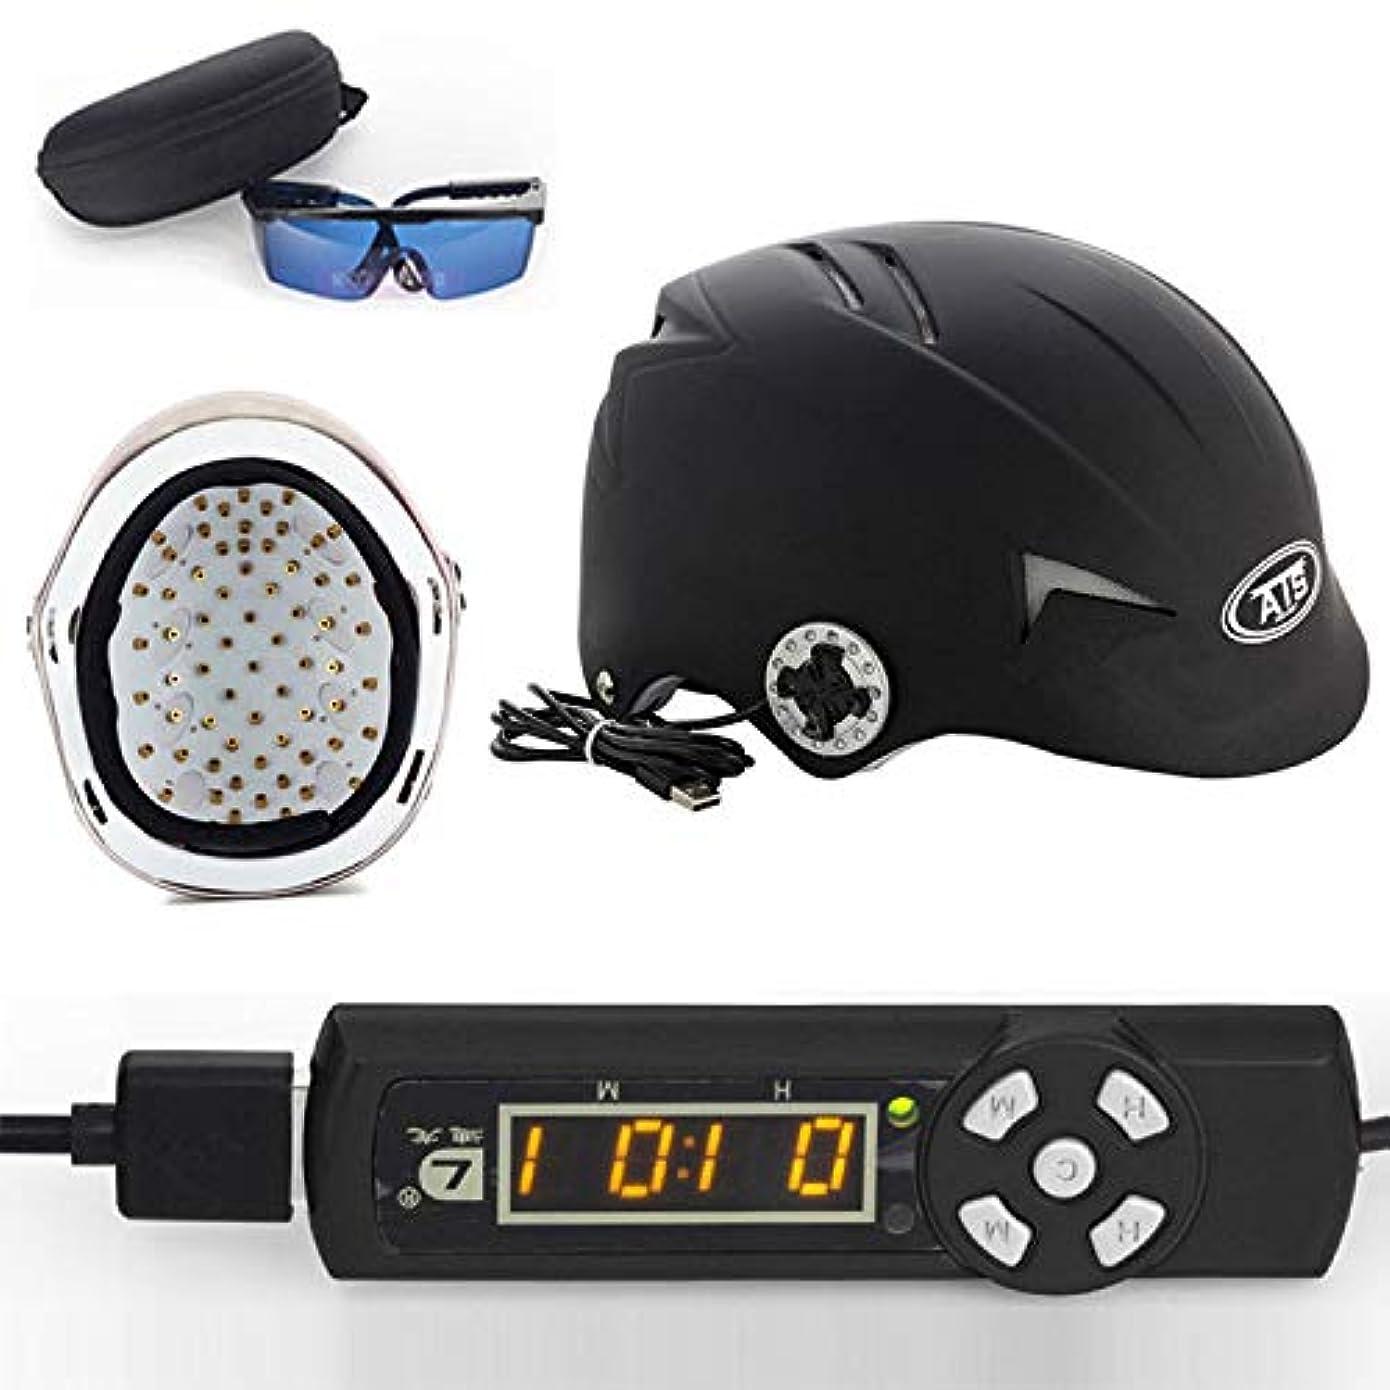 燃料小人クラッシュSooger レーザー治療 ヘルメット 45/64/128ダイオード アンチヘアロス 毛髪再生を促進する レーザーキャップ イクサキャップ脱毛治療ヘア再生プロモータービルディング繊維キャップ (128 ダイオード)